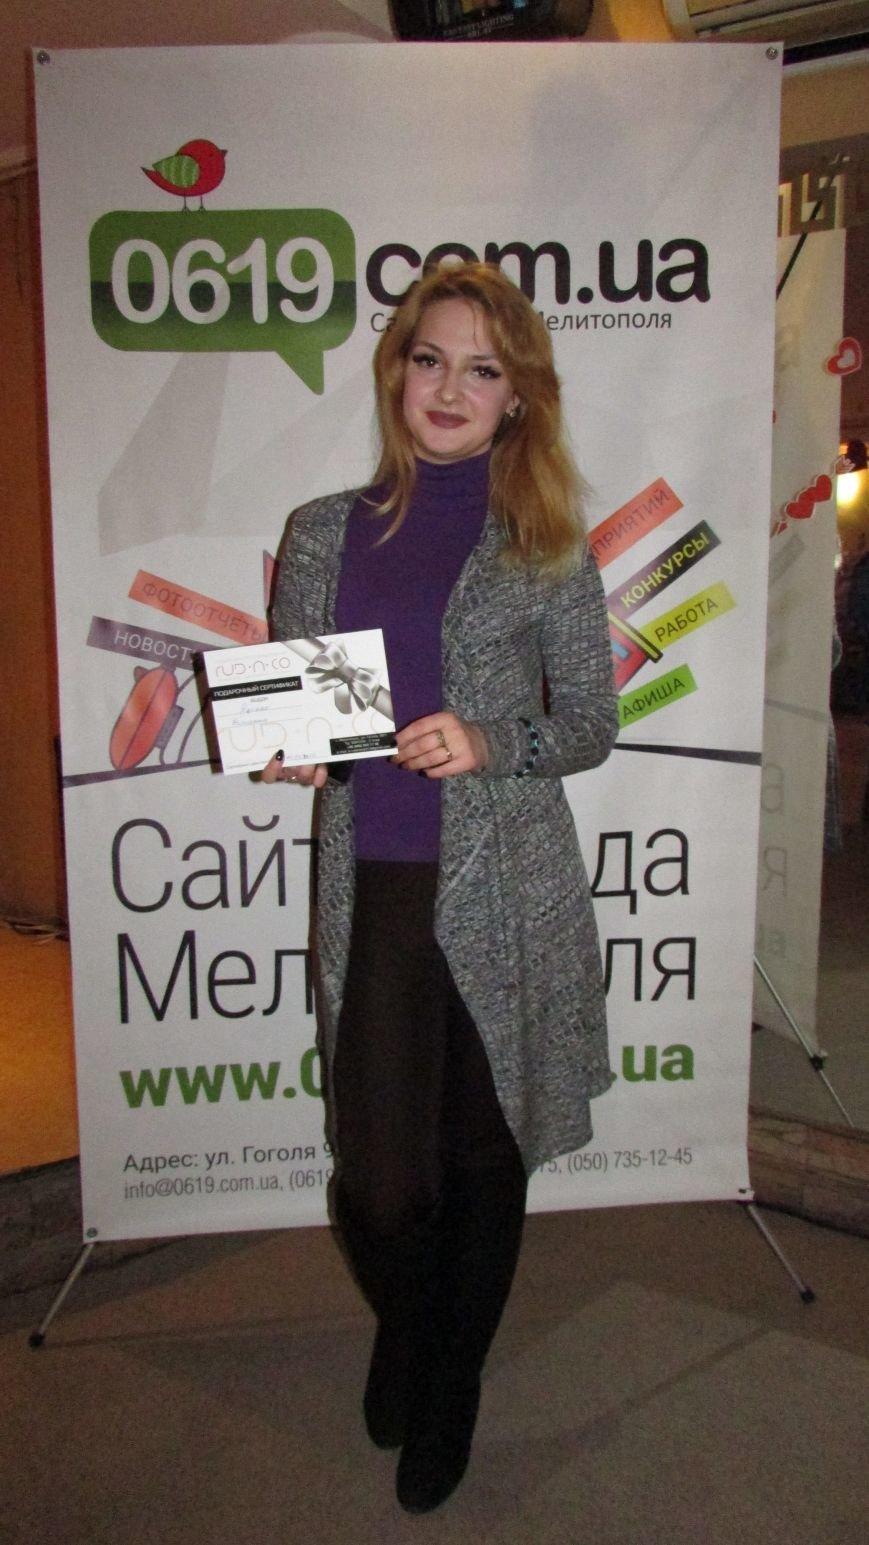 Итоги конкурса! В День Влюбленных семь пар получили подарки от нашего сайта, фото-5